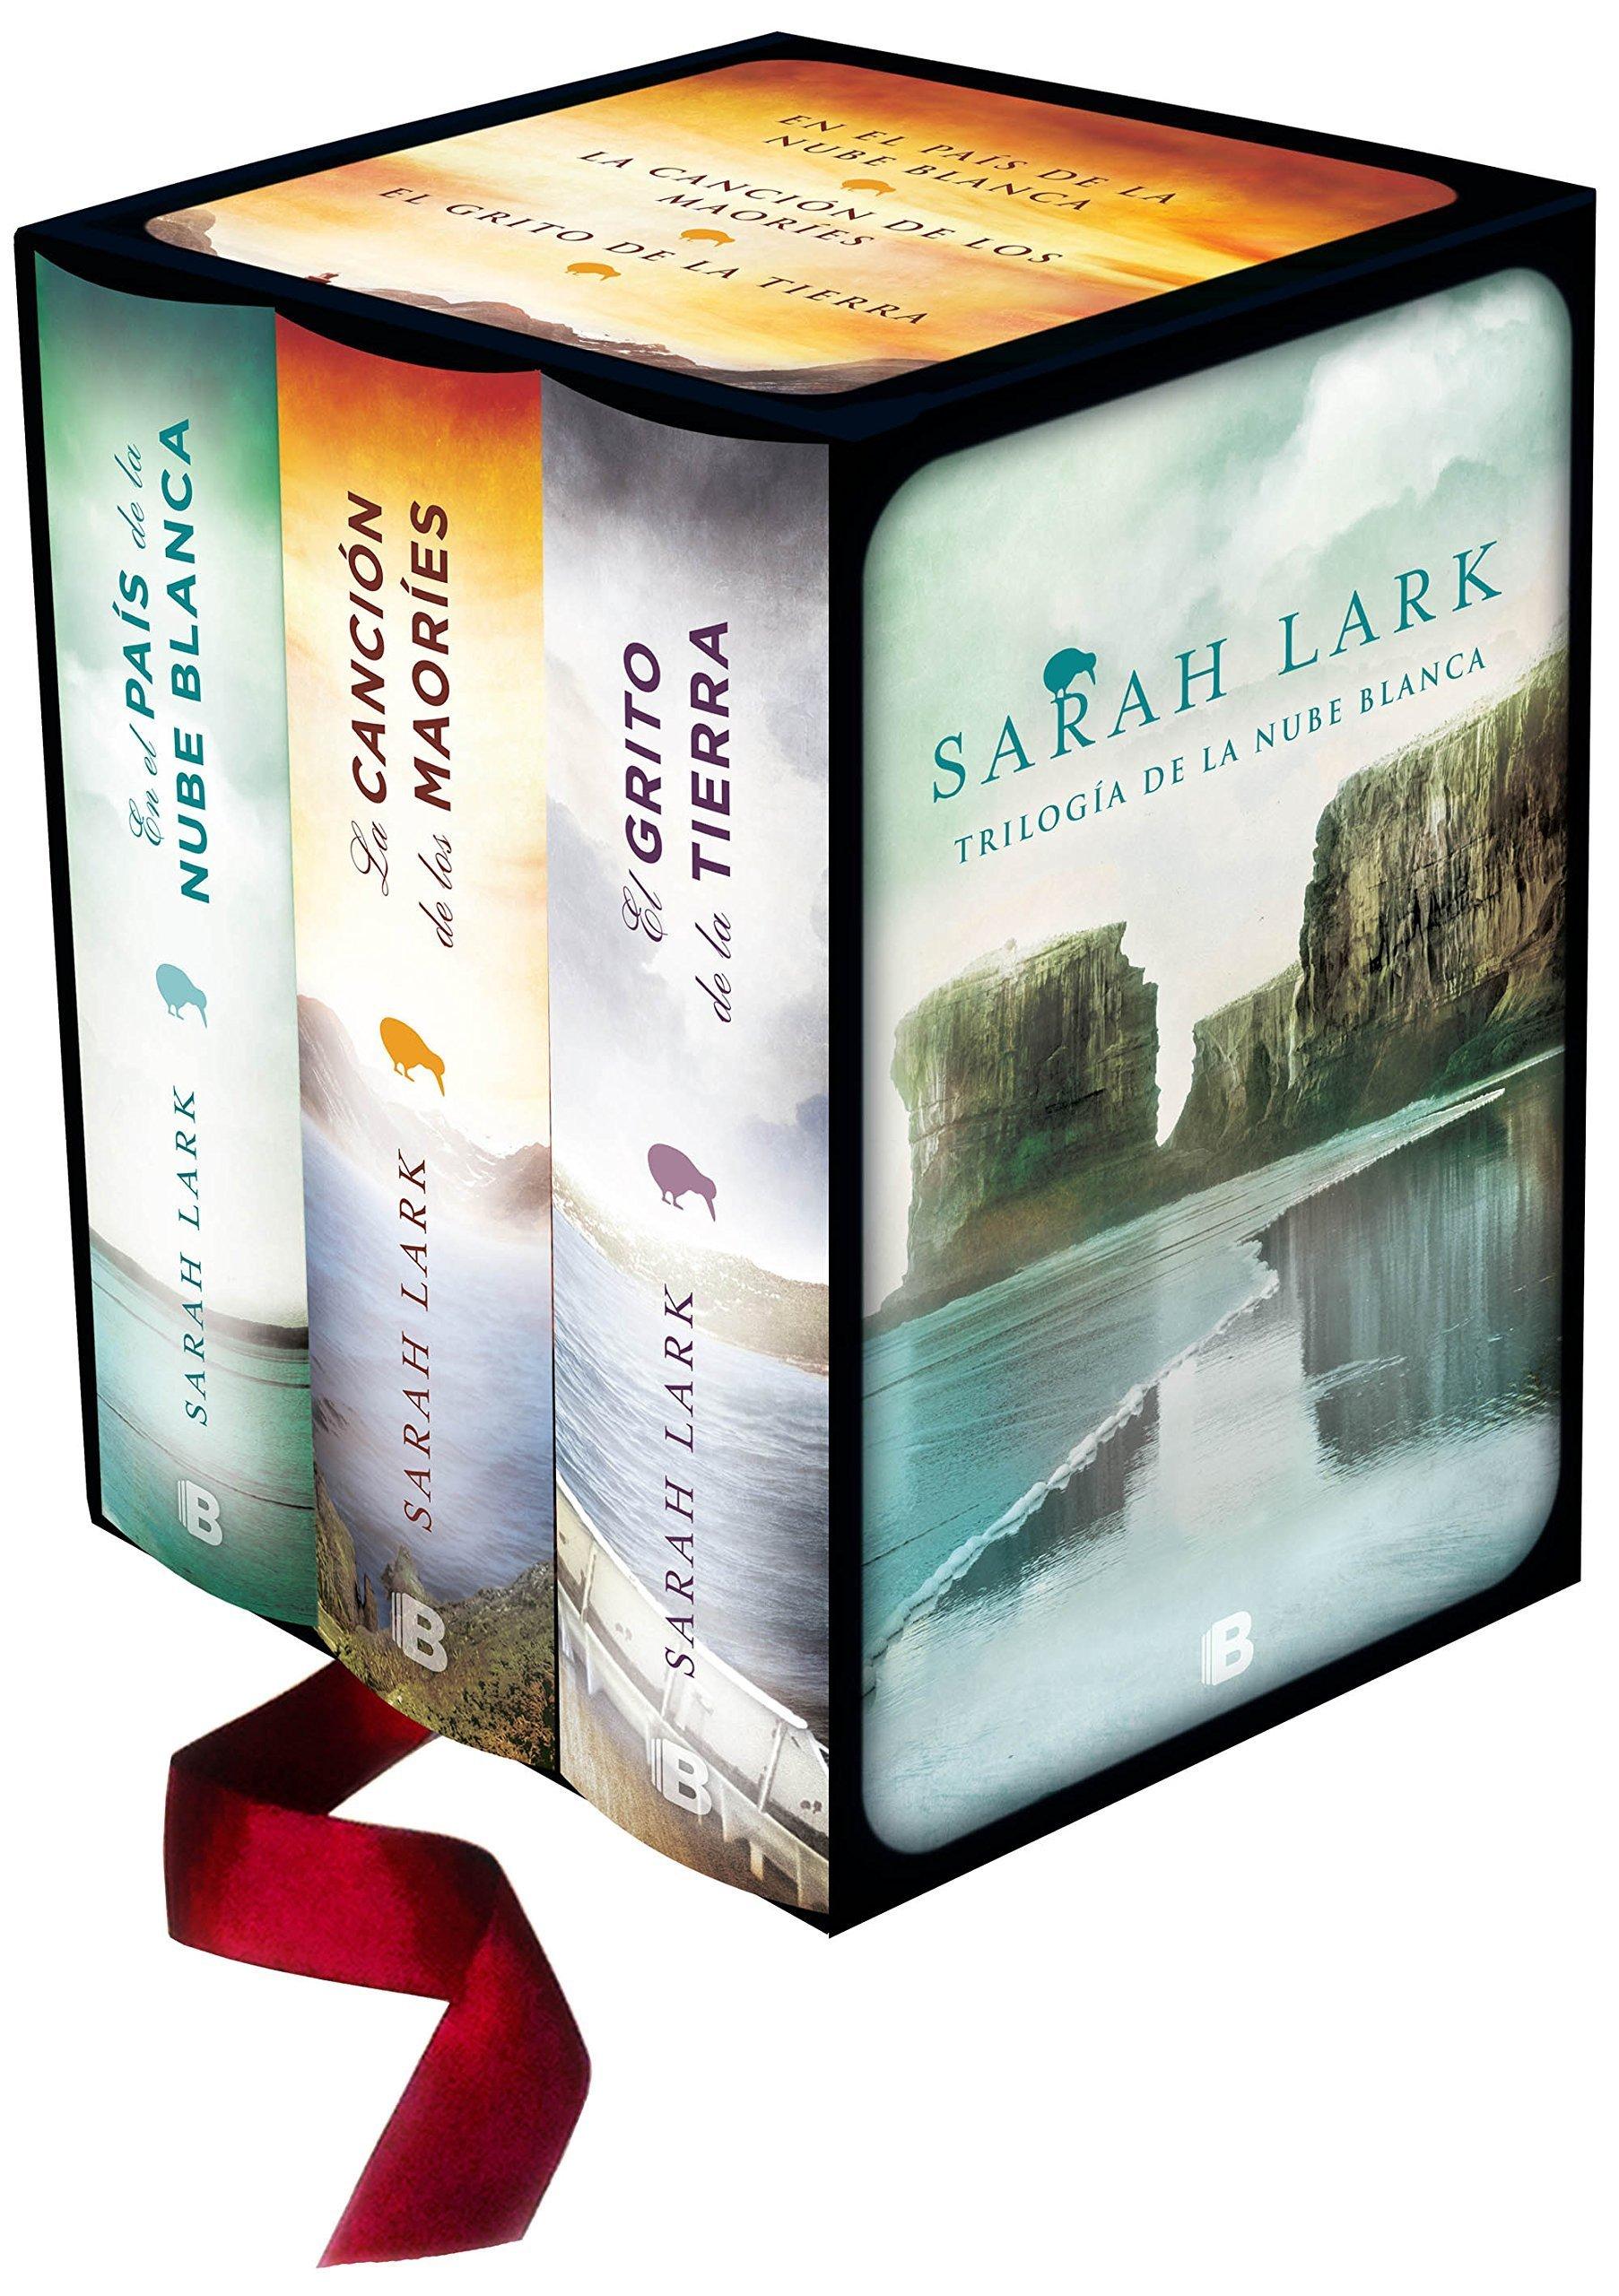 Mejores Libros de Sarah Lark